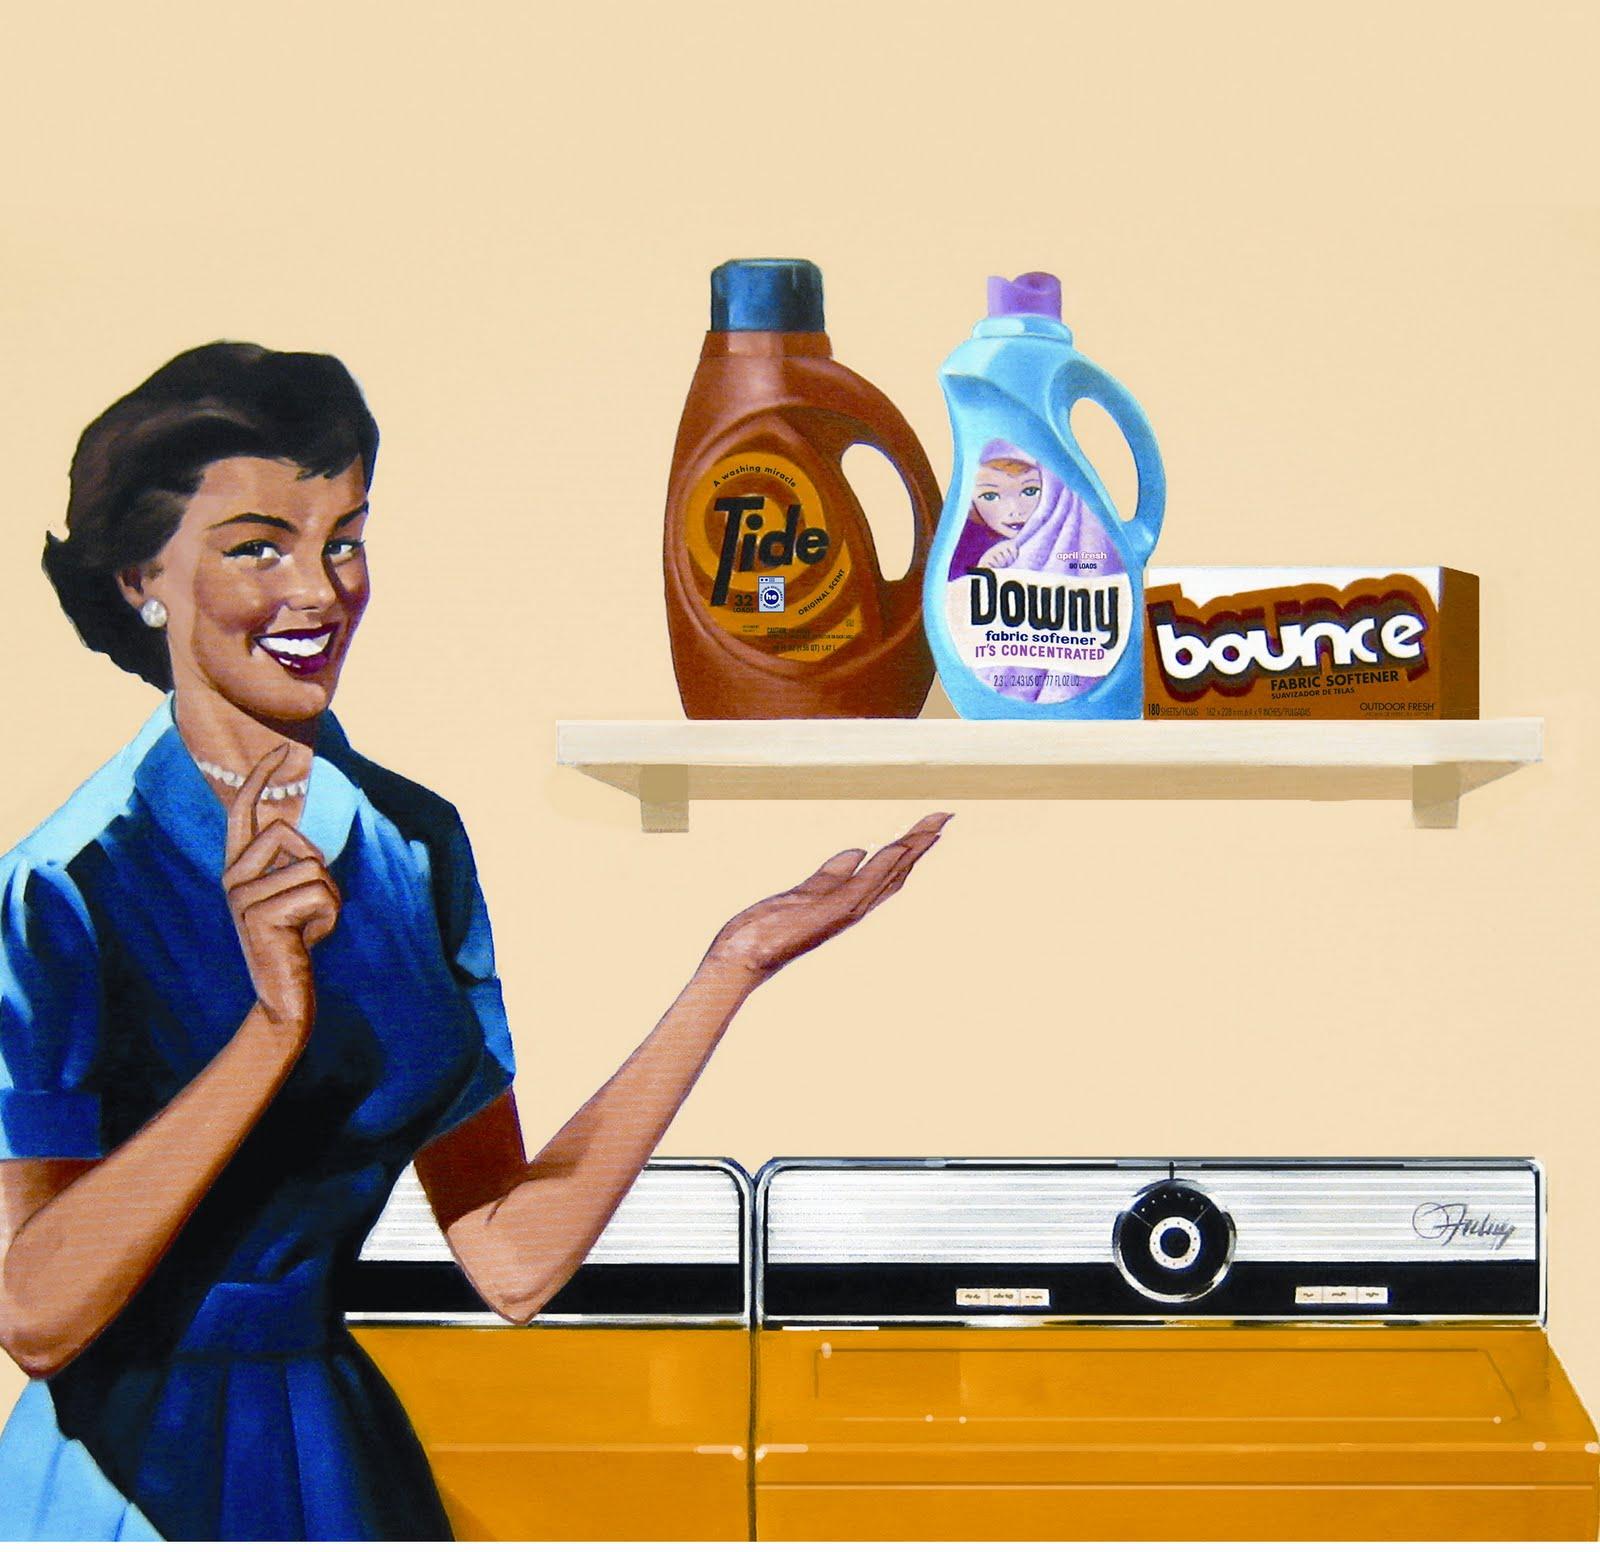 publicidad-sexista-femen-congreso